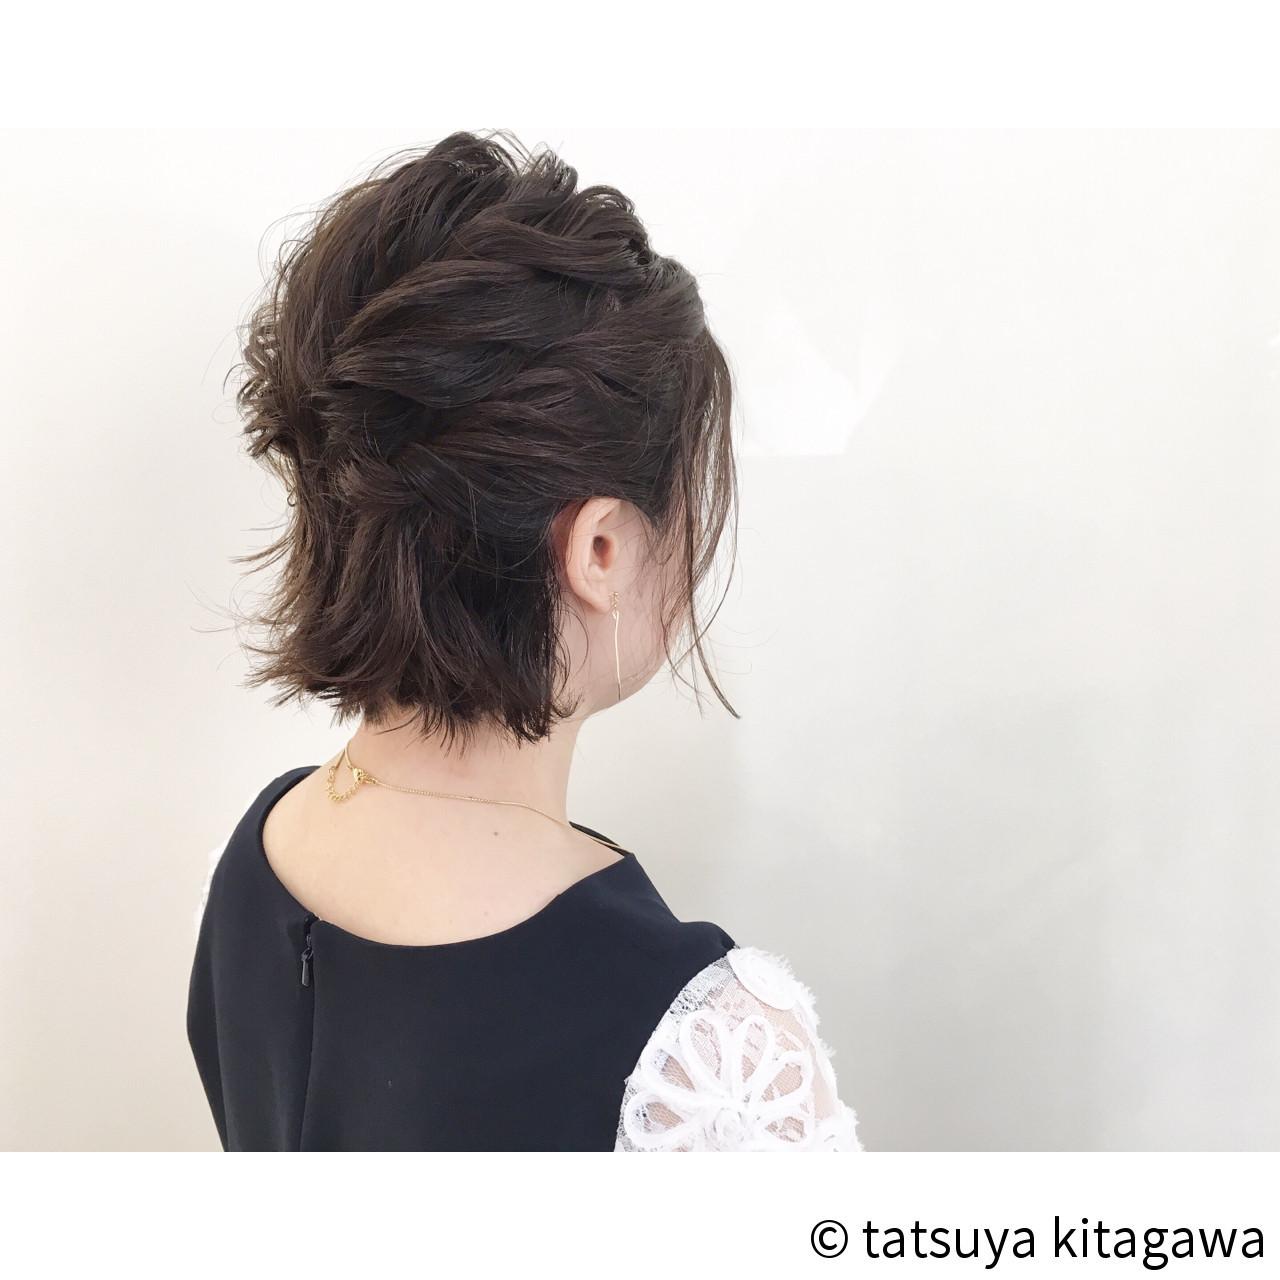 【結婚式髪型】ボブでもできる華やかアレンジ♪自分でもできるヘアセット tatsuya kitagawa